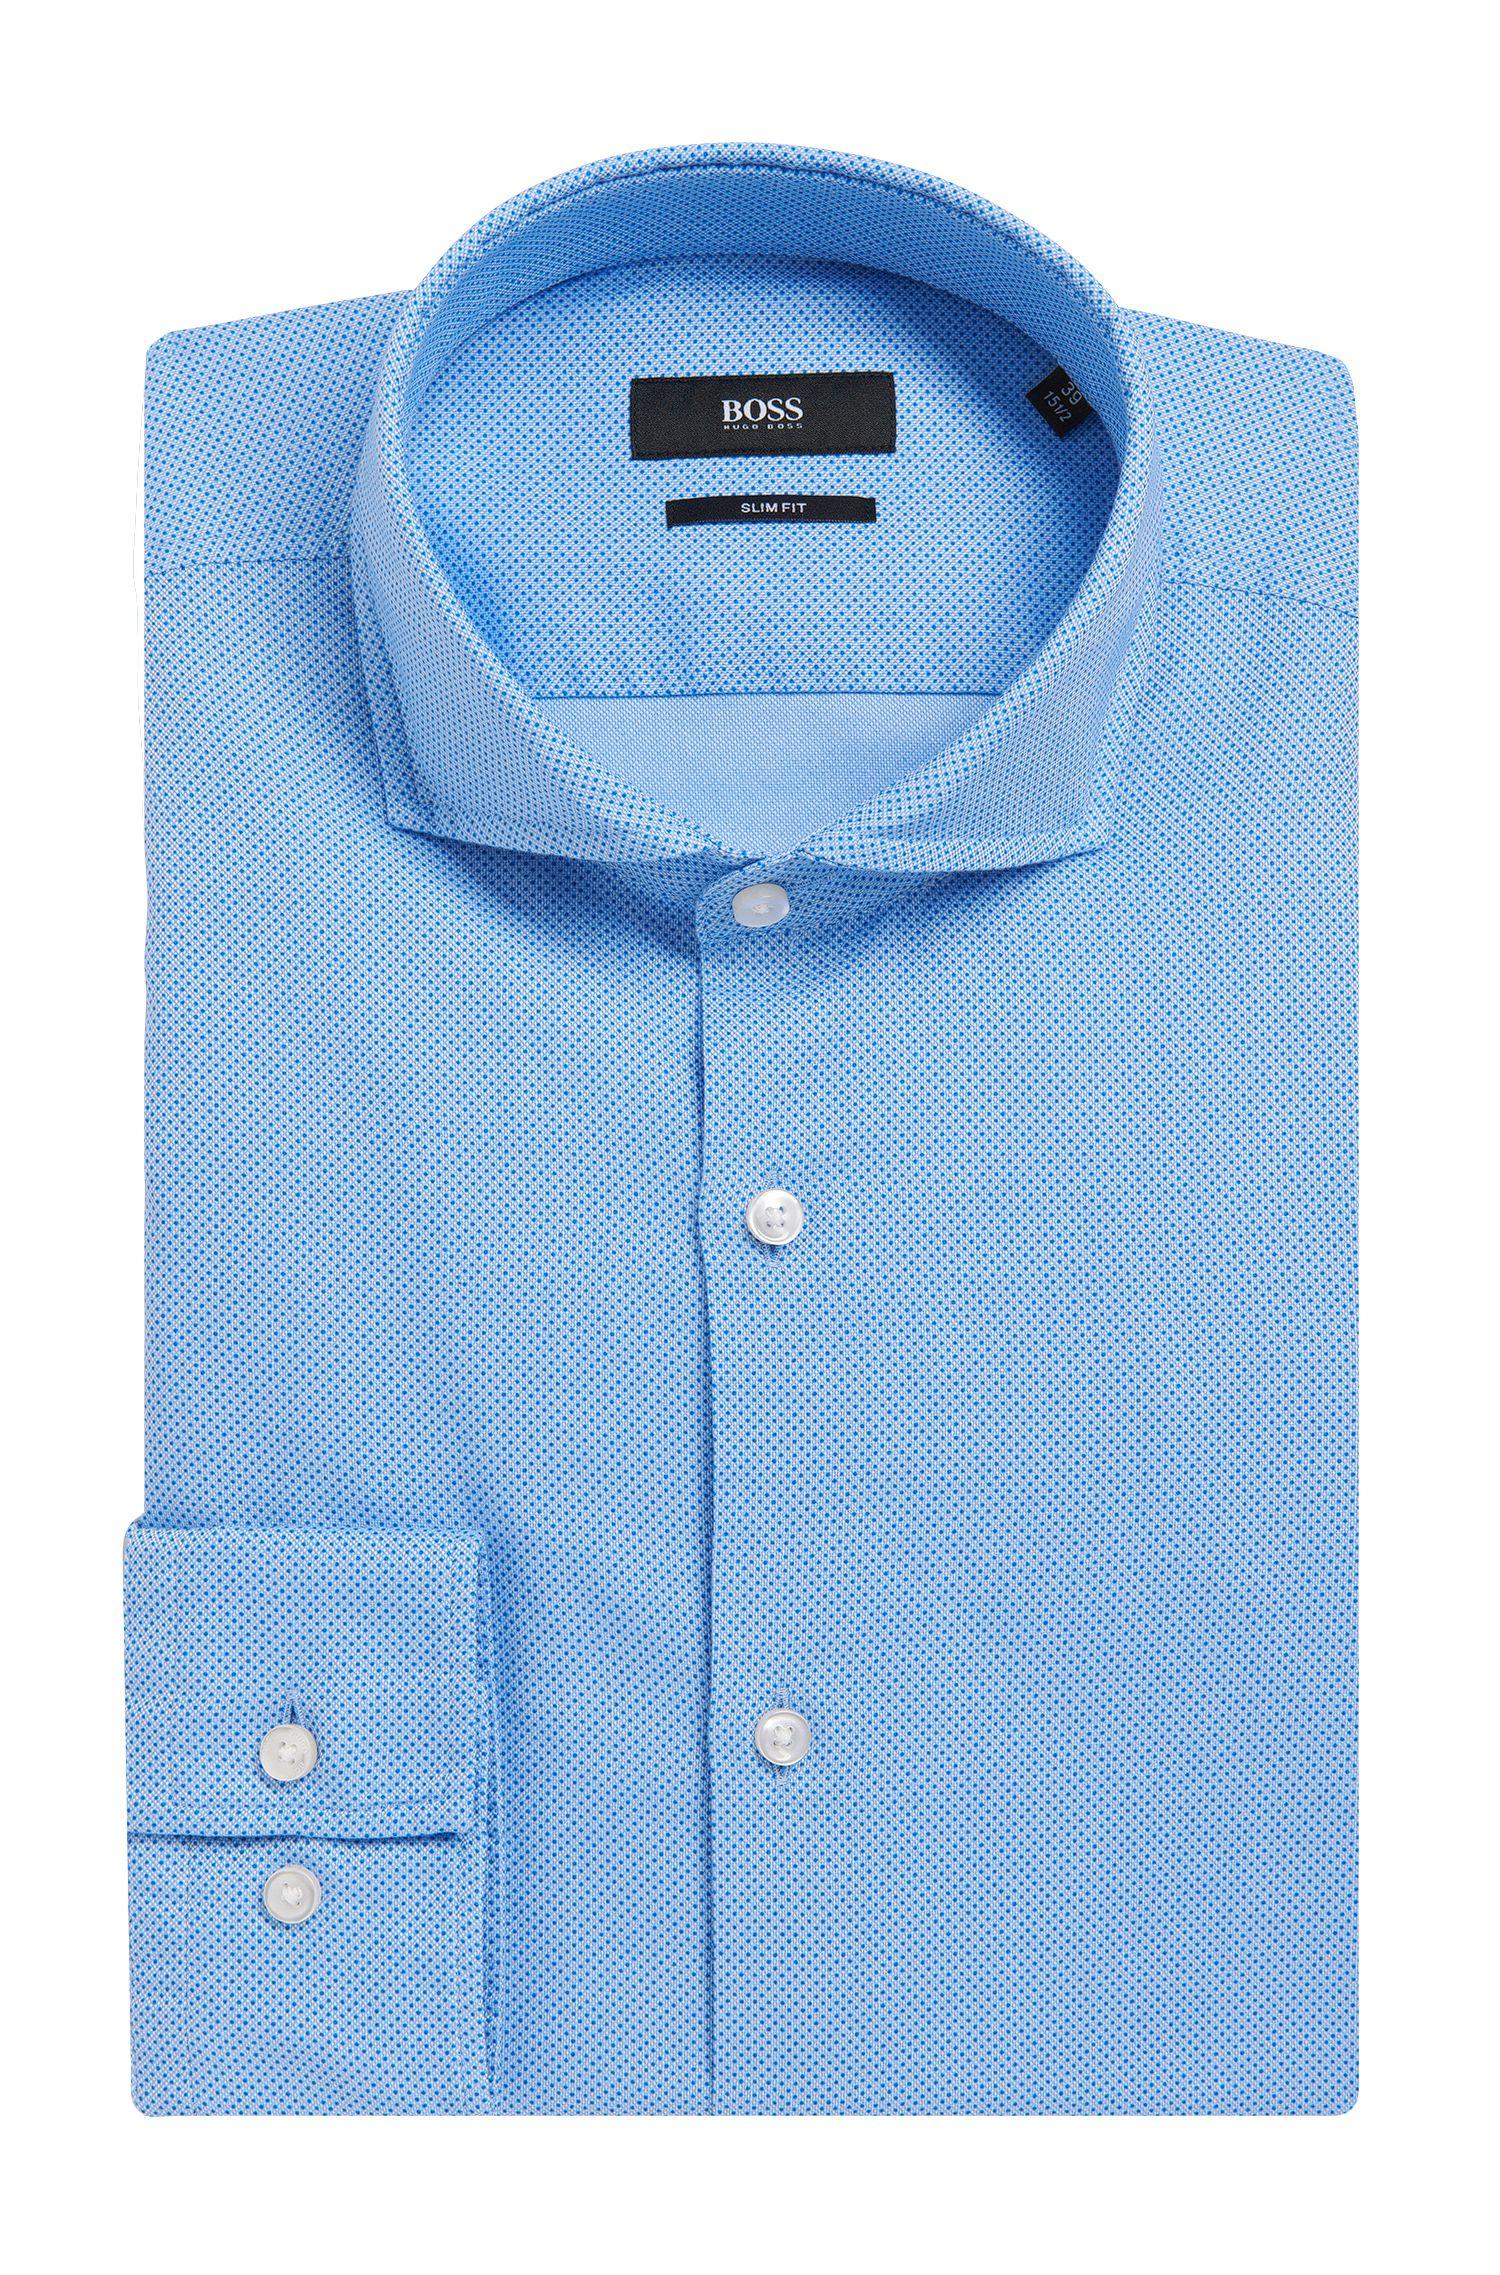 'Jaxon' | Slim Fit, Italian Cotton Oxford Dress Shirt